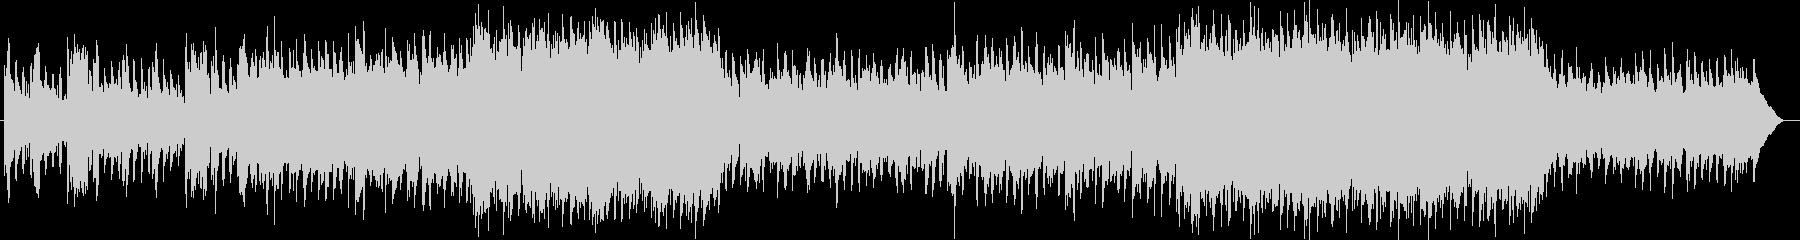 ゆったりとしたシンセサイザーサウンドの未再生の波形